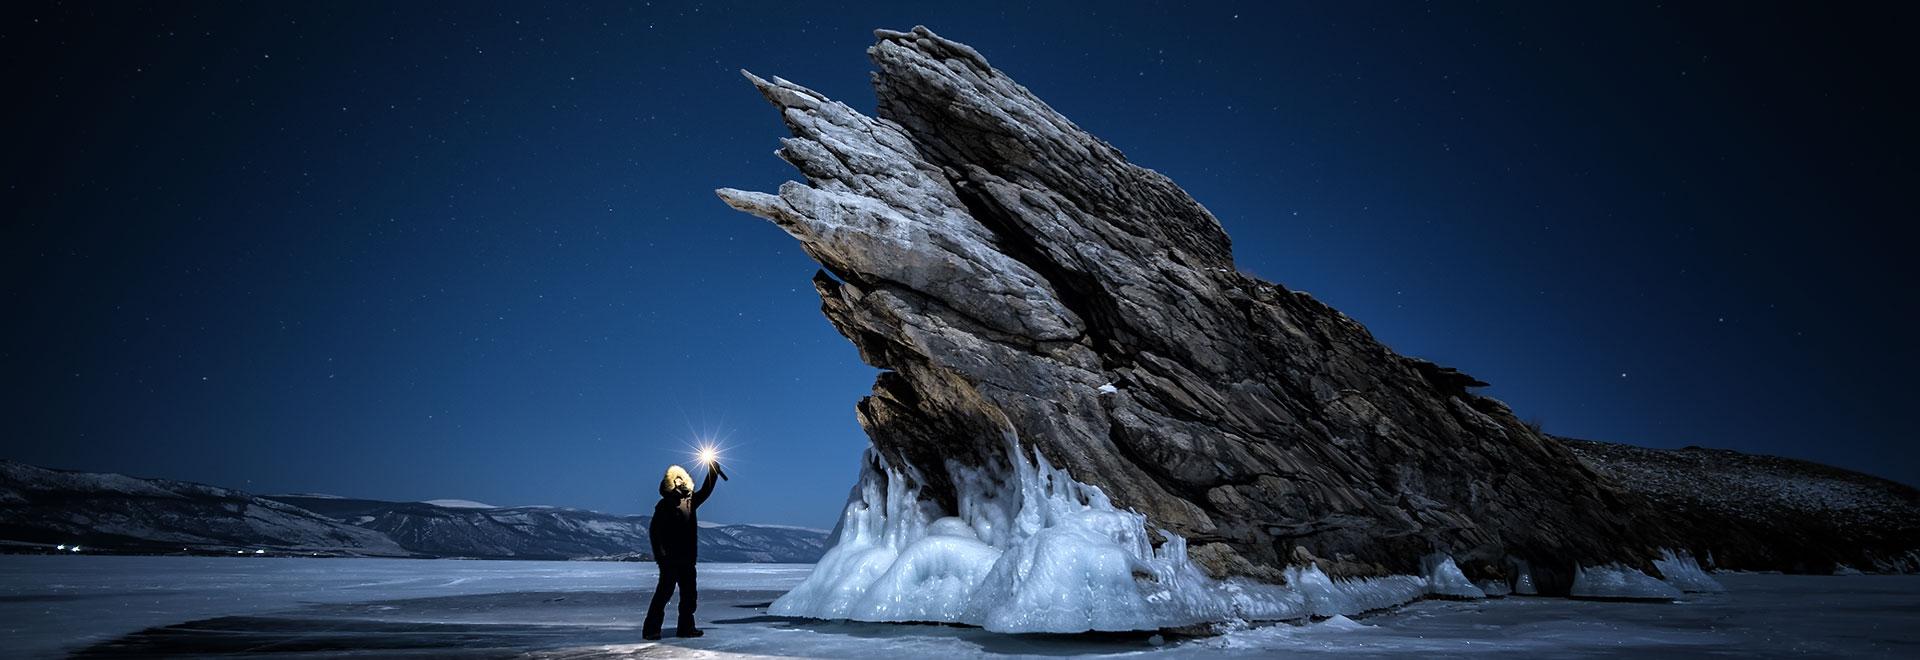 Linternas para fotografía nocturna y lightpainting